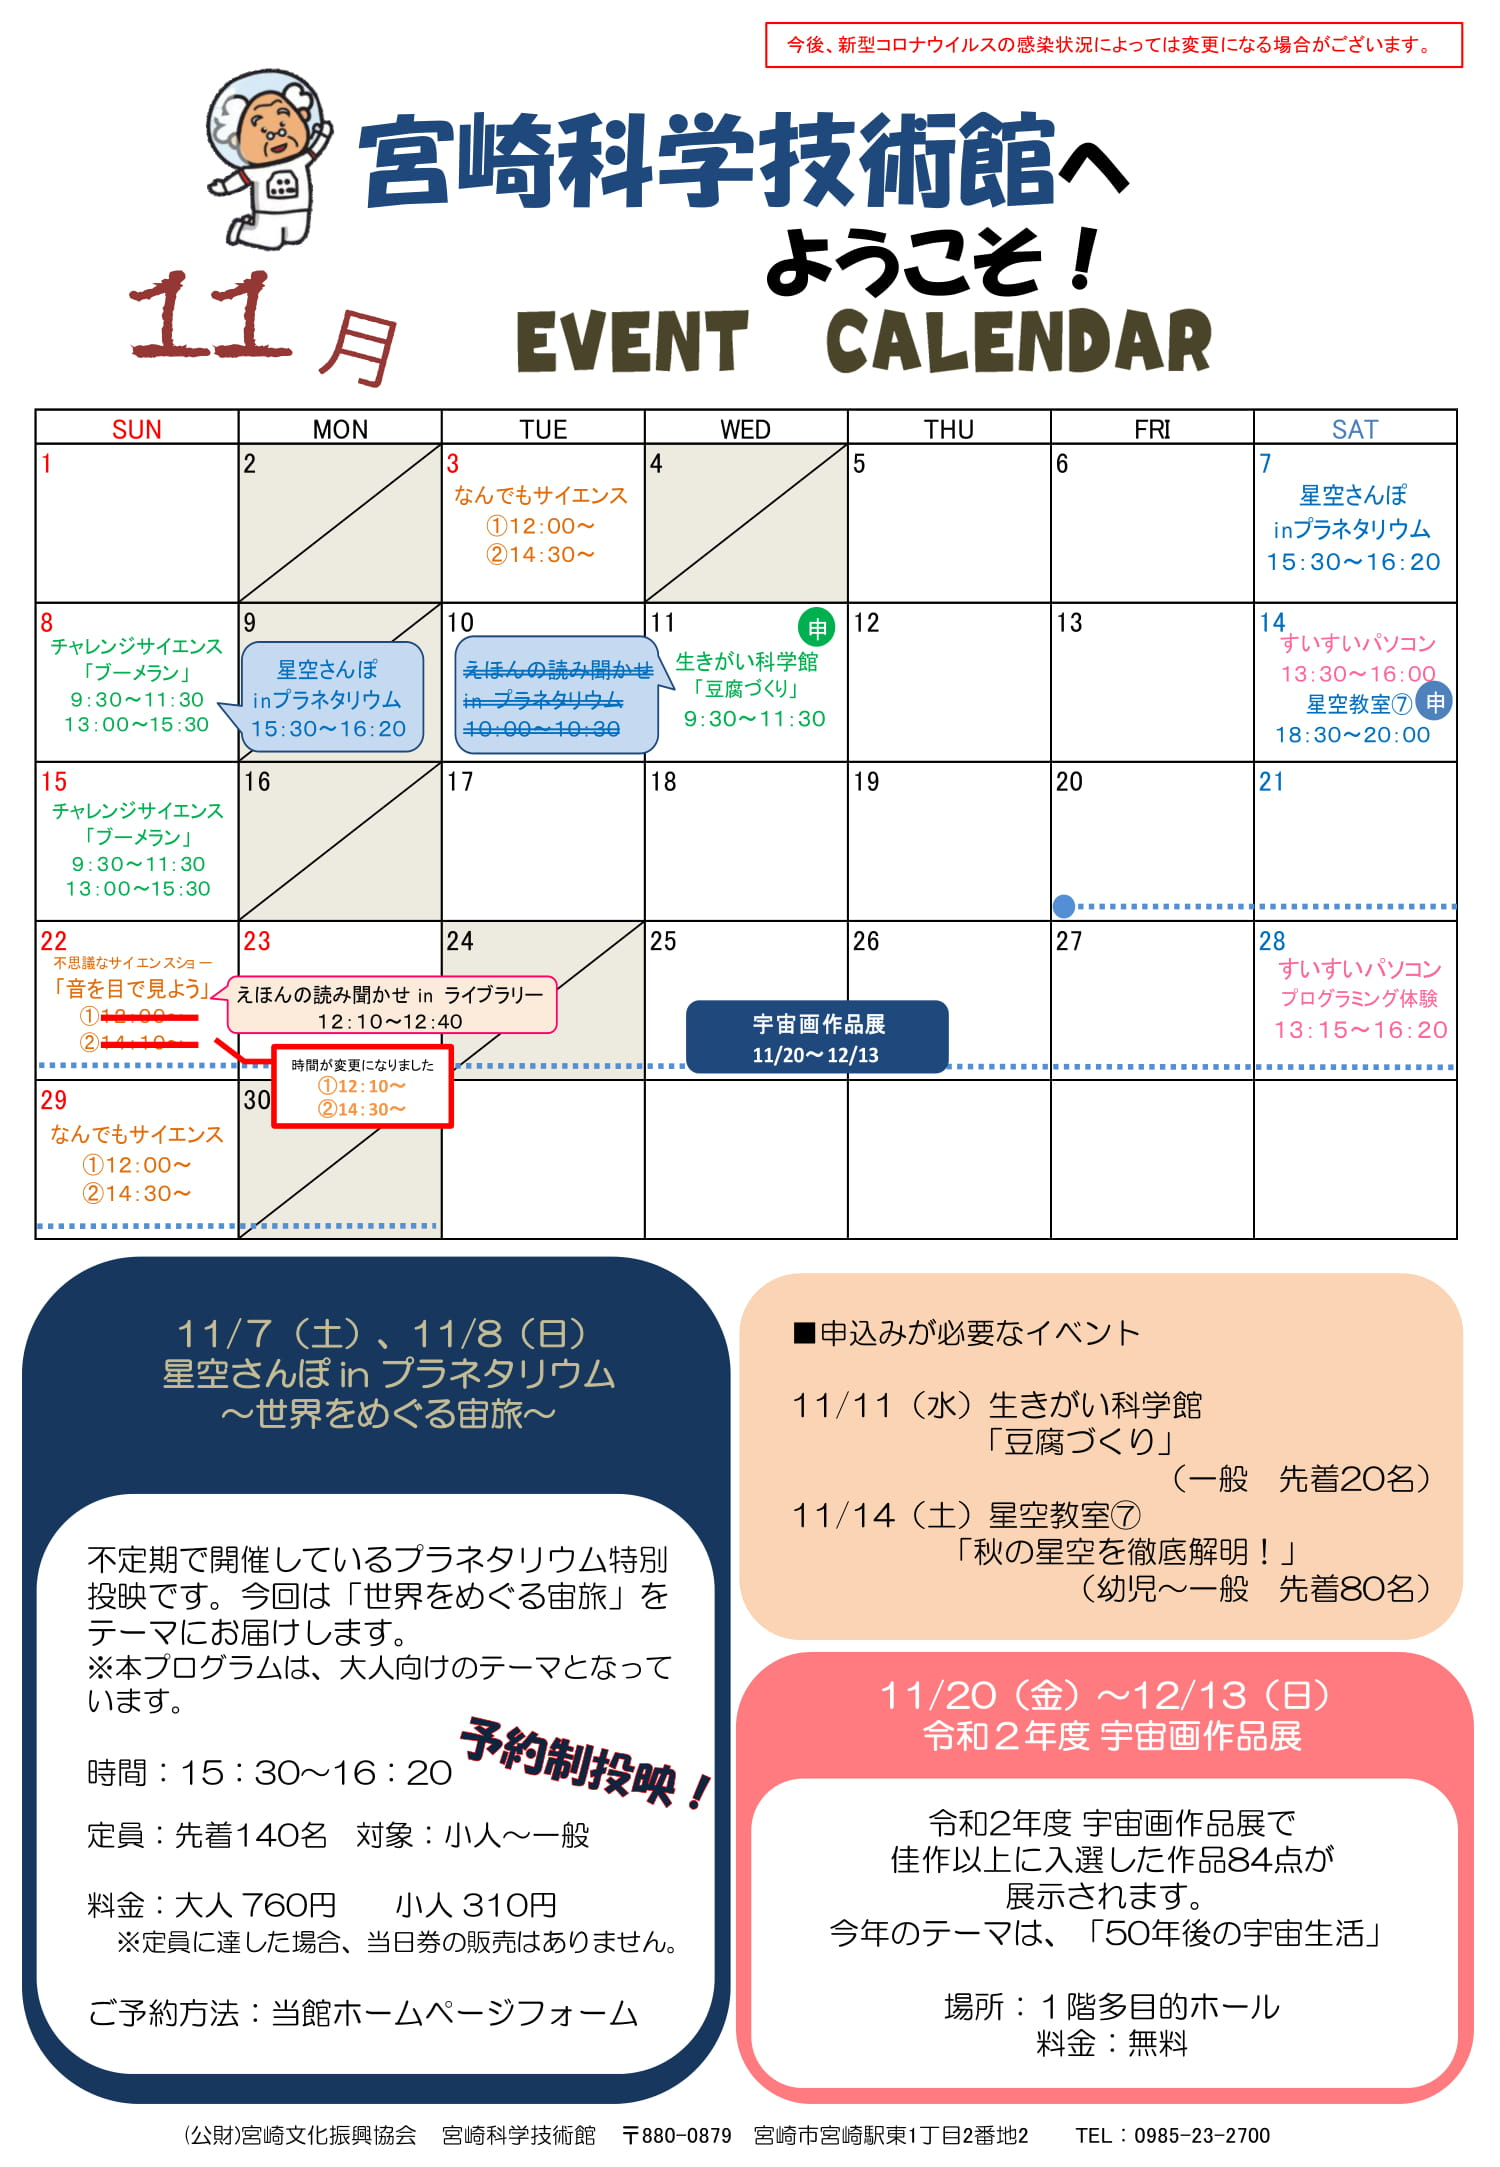 【科学館】11月カレンダーのみ-1